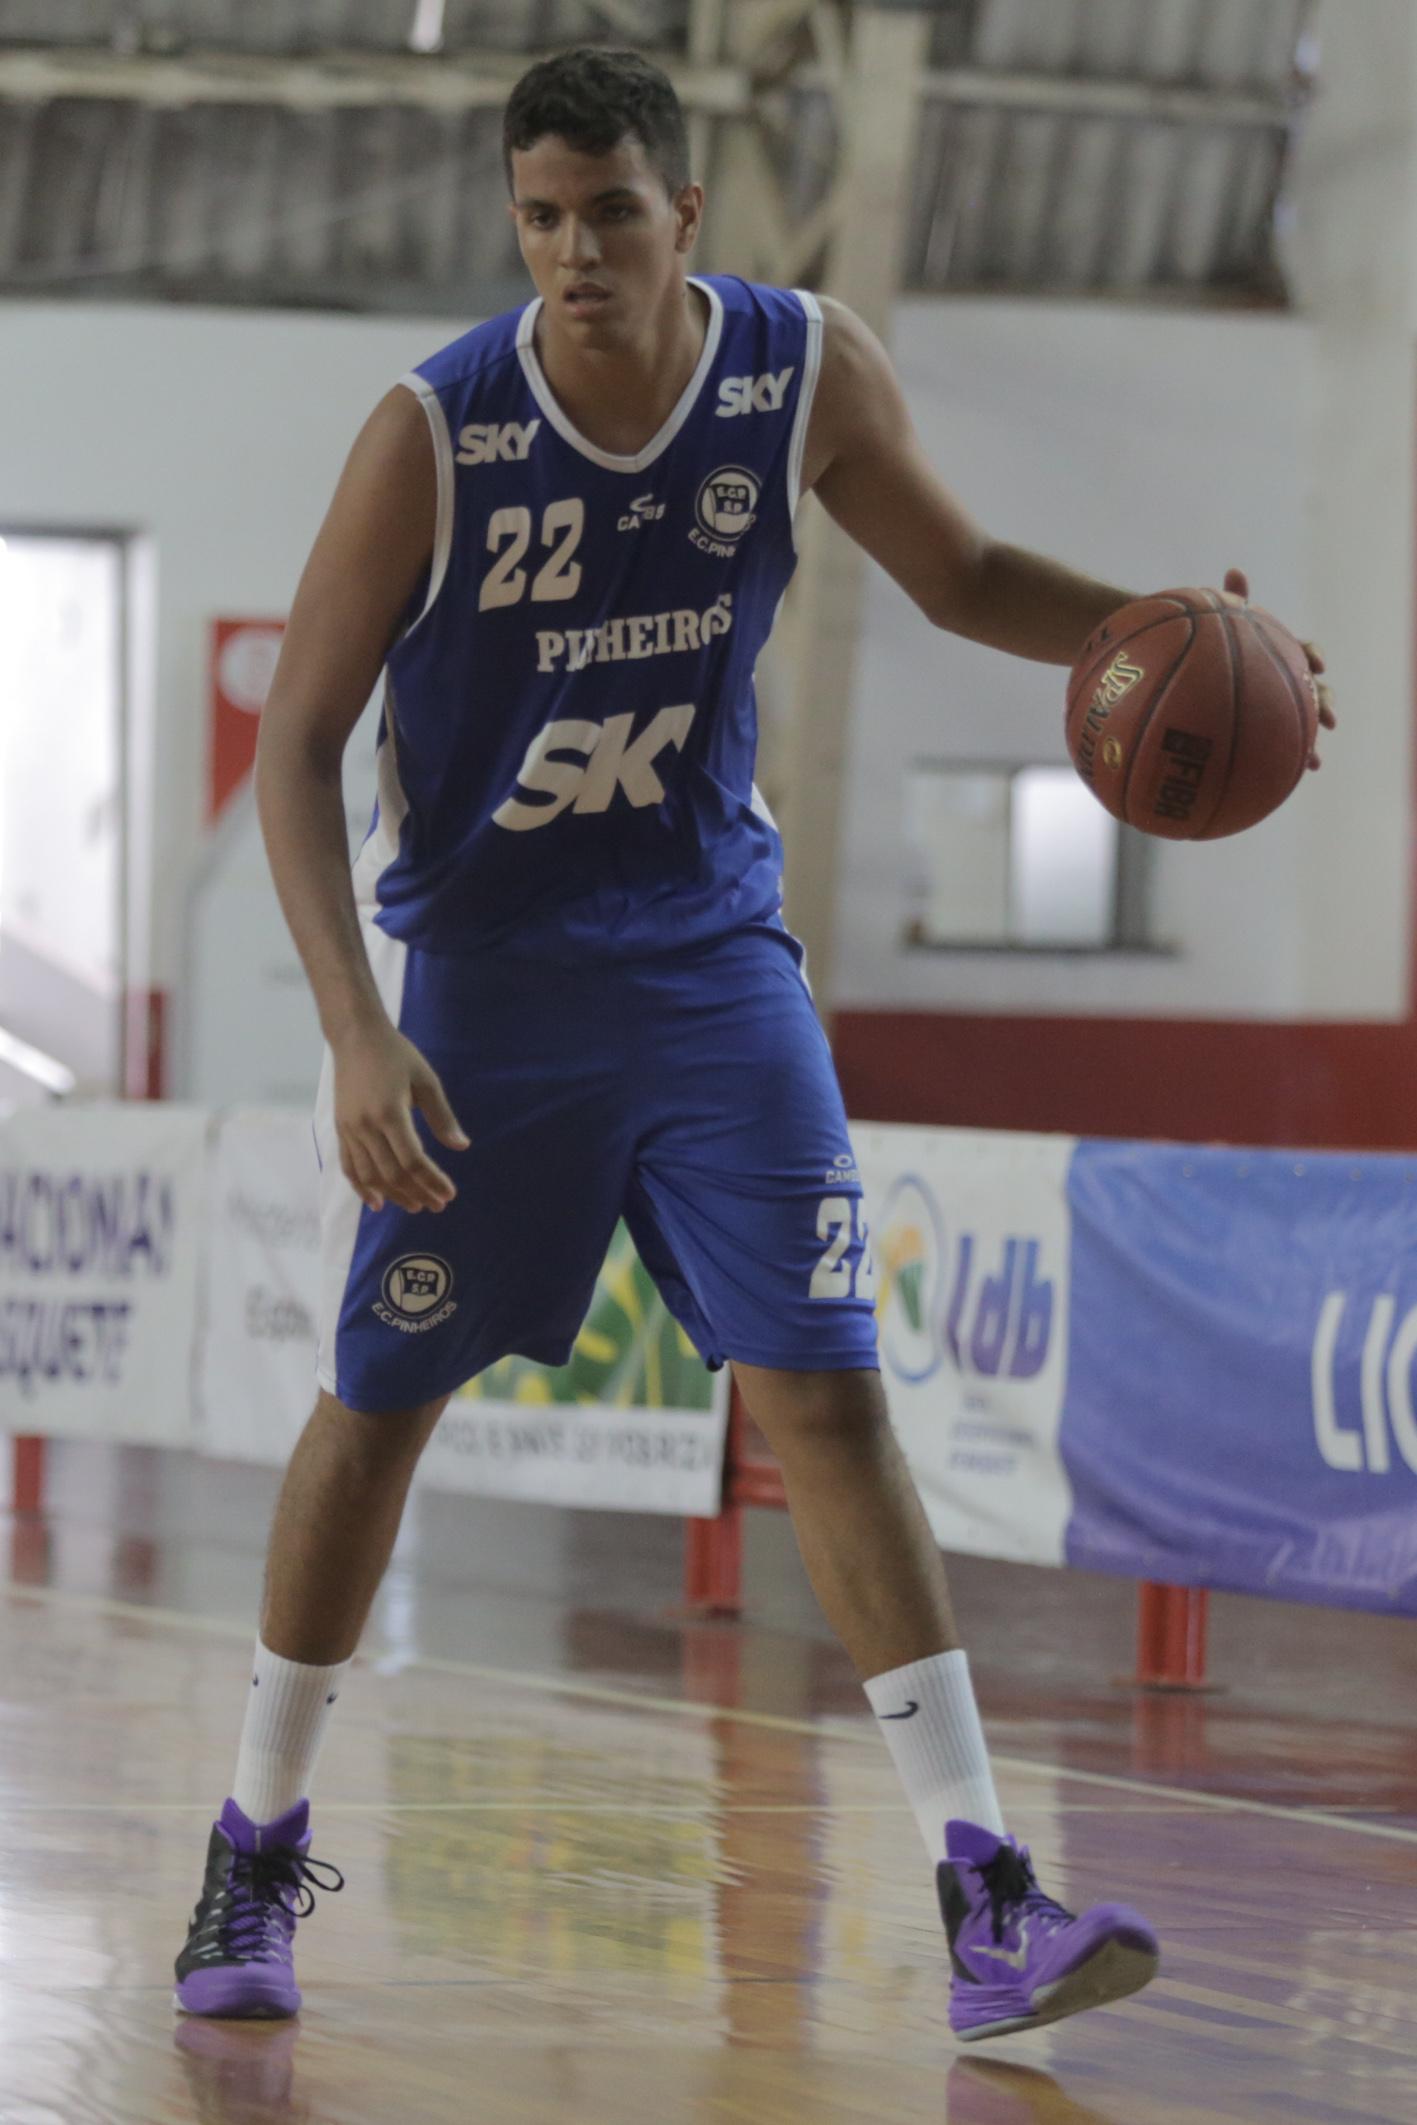 Lucas cravou o terceiro recorde da LDB; todos foram na atual edição (João Neto/LNB)